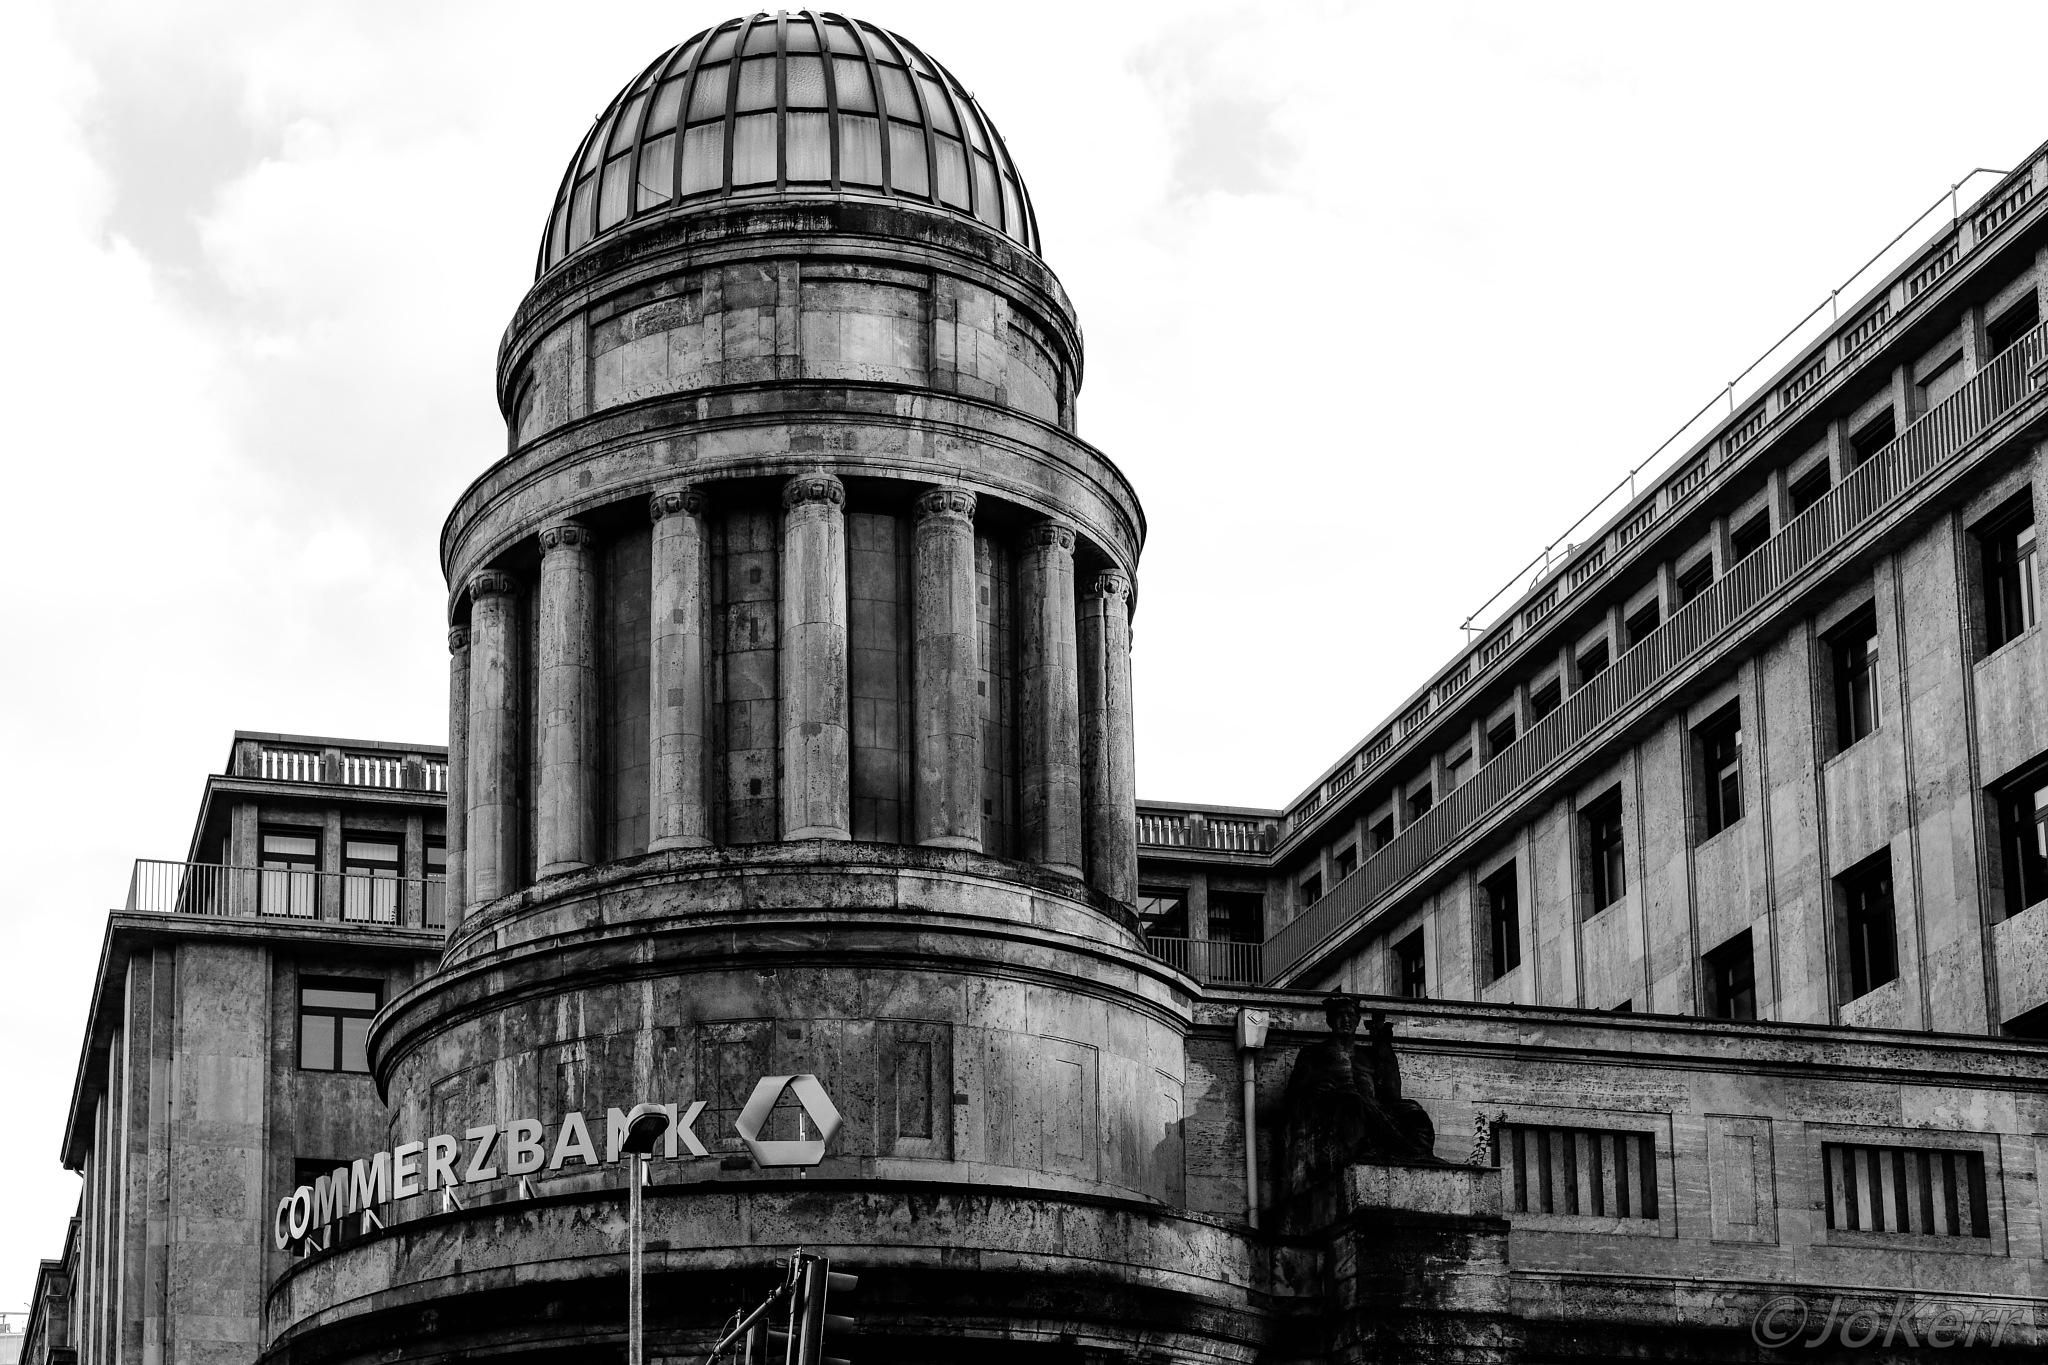 Commerzbank by Jo Kerr